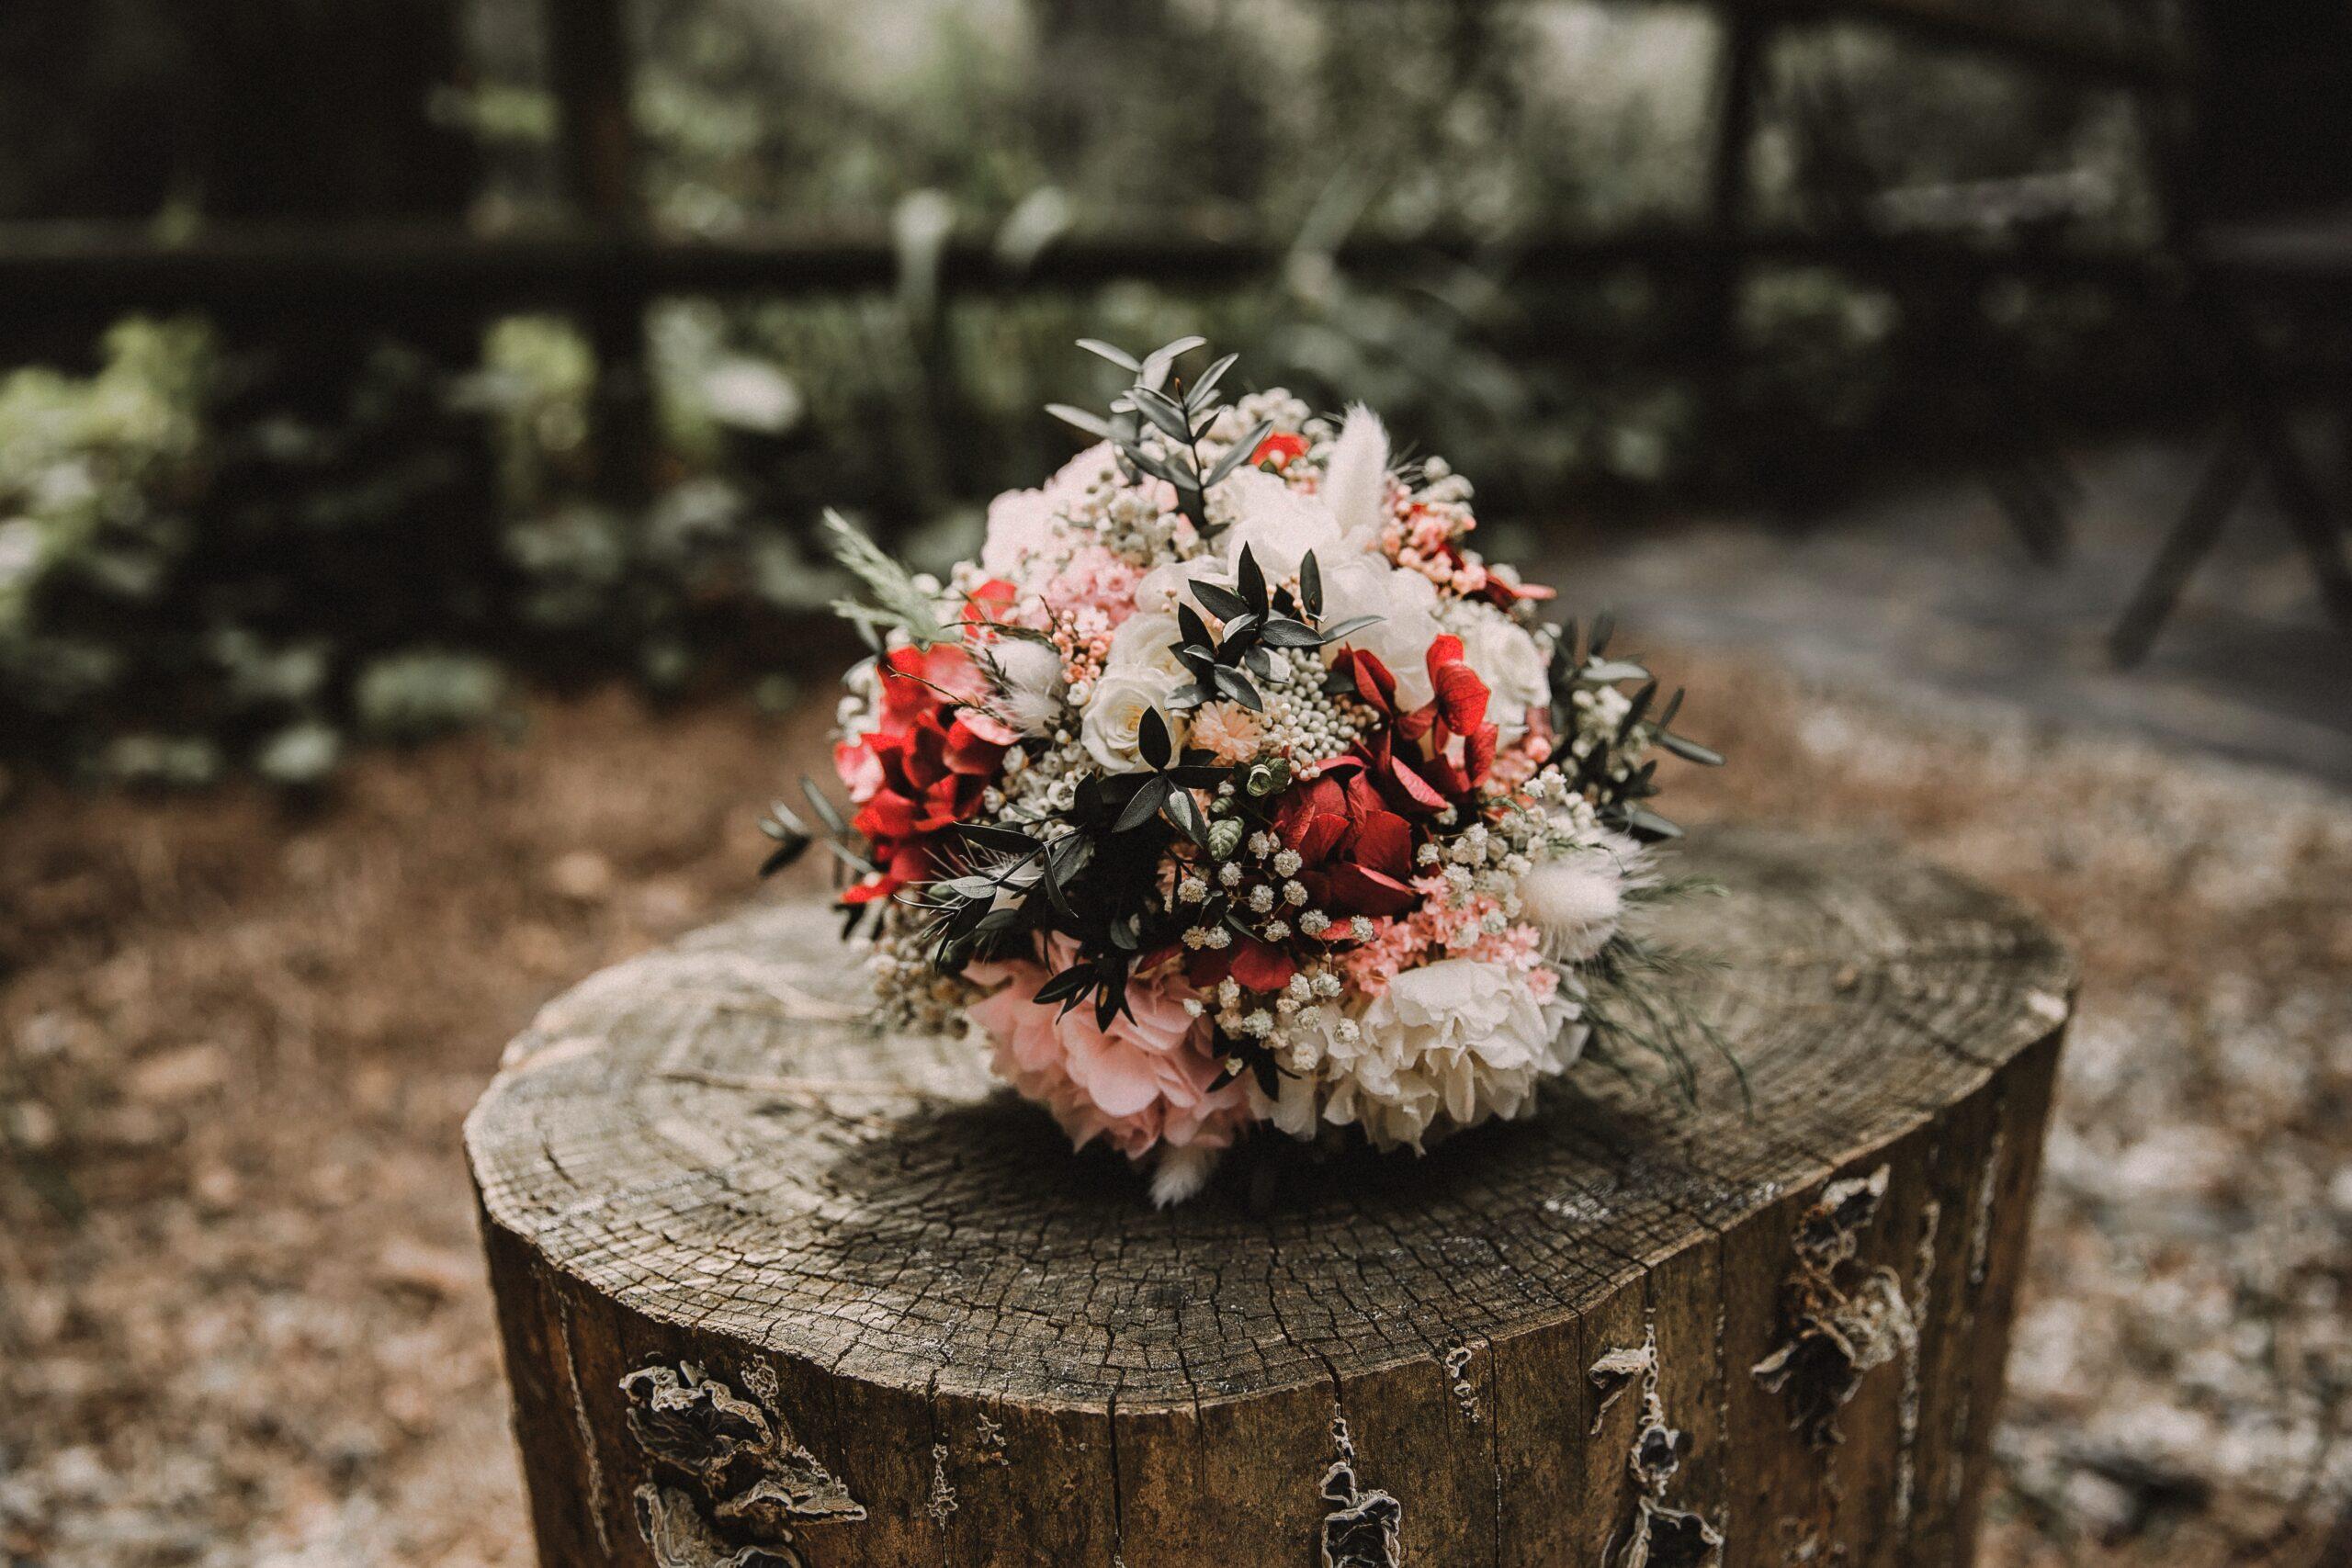 Ram de flors preservades